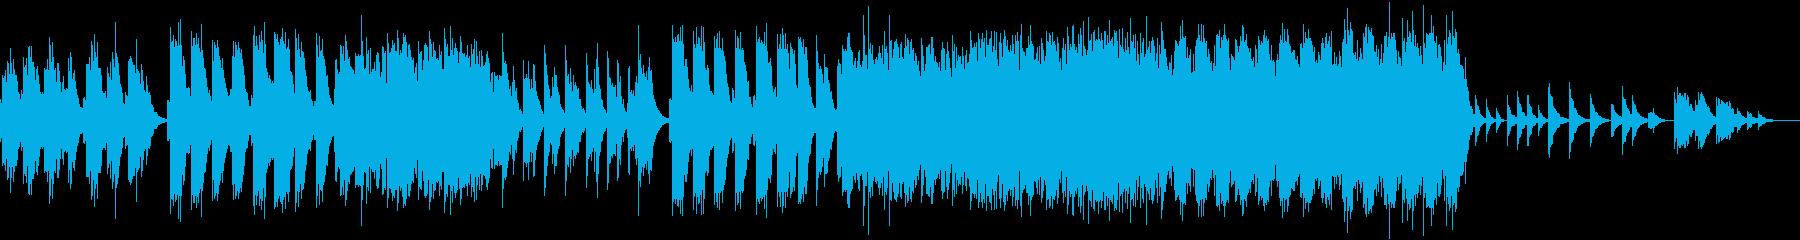 優しい温もりに包まれる幻想的なエレピの曲の再生済みの波形